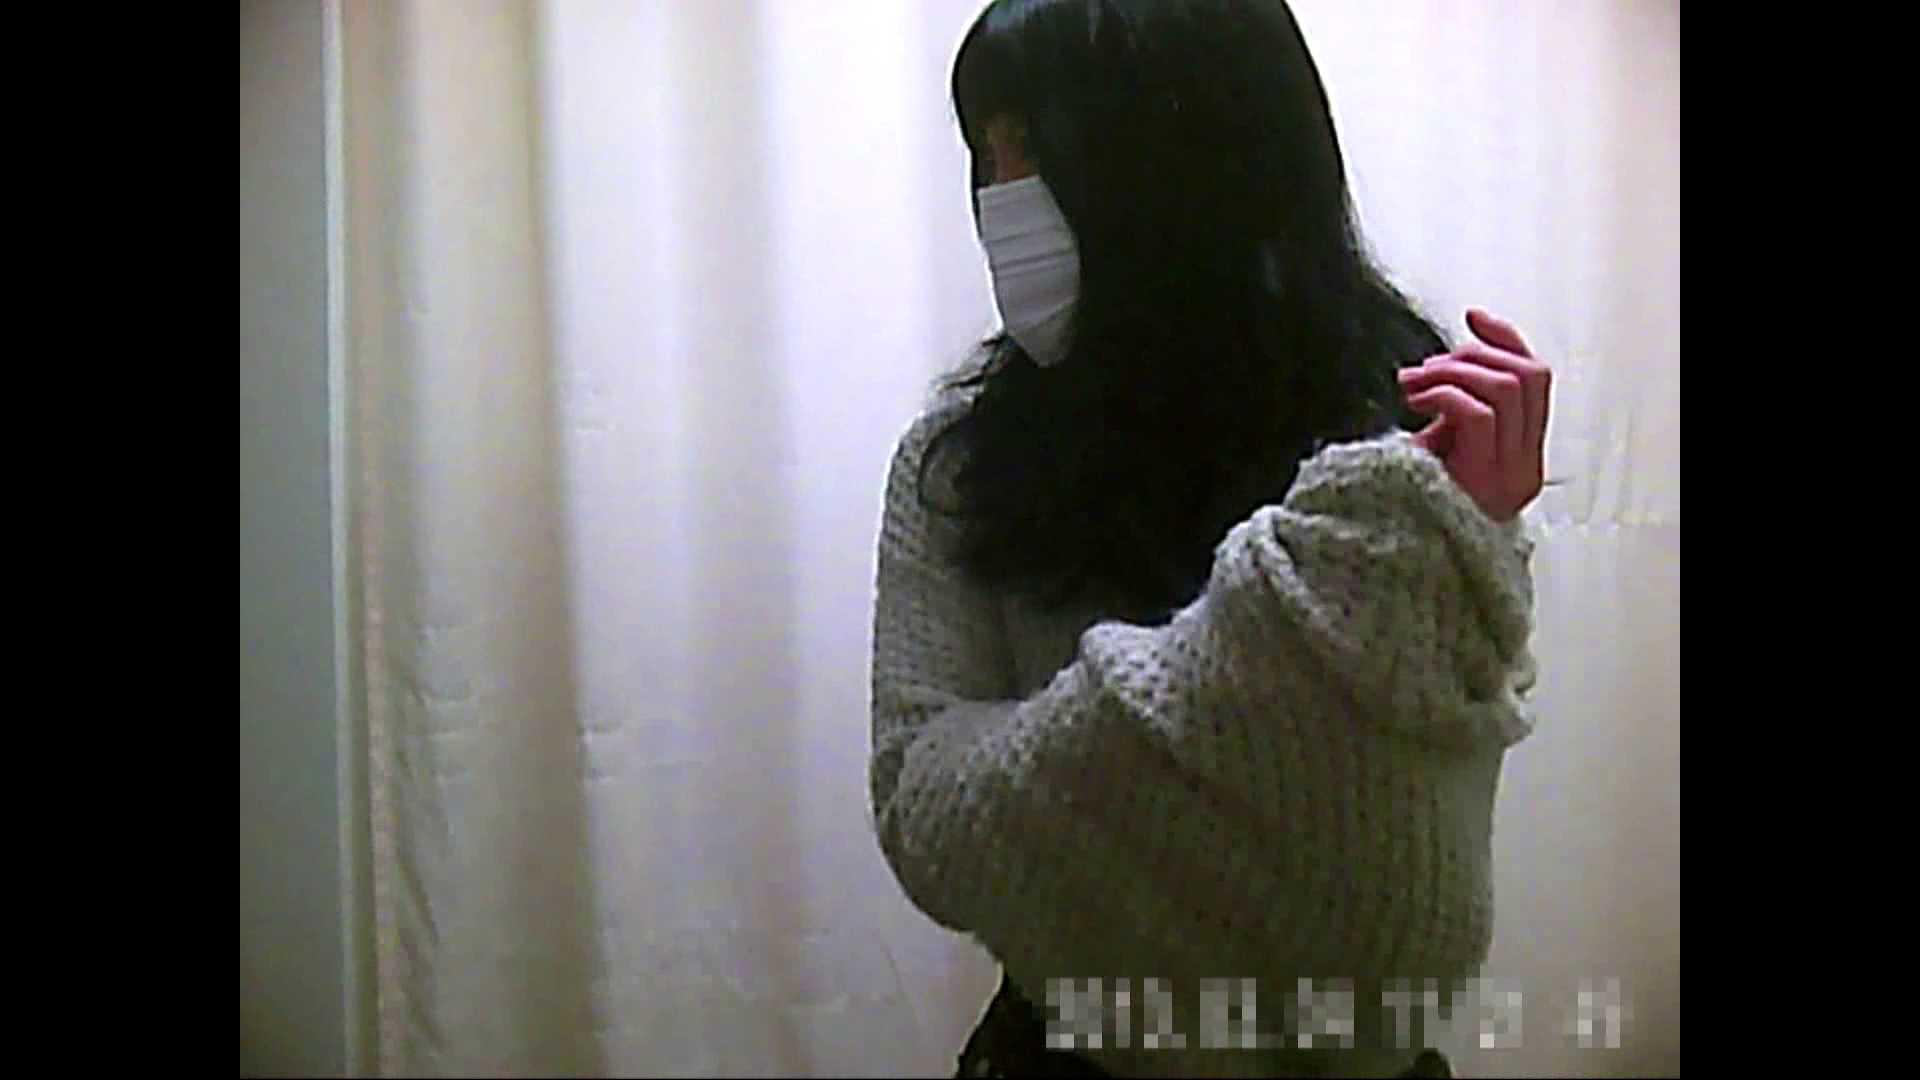 元医者による反抗 更衣室地獄絵巻 vol.103 OLハメ撮り  89Pix 57